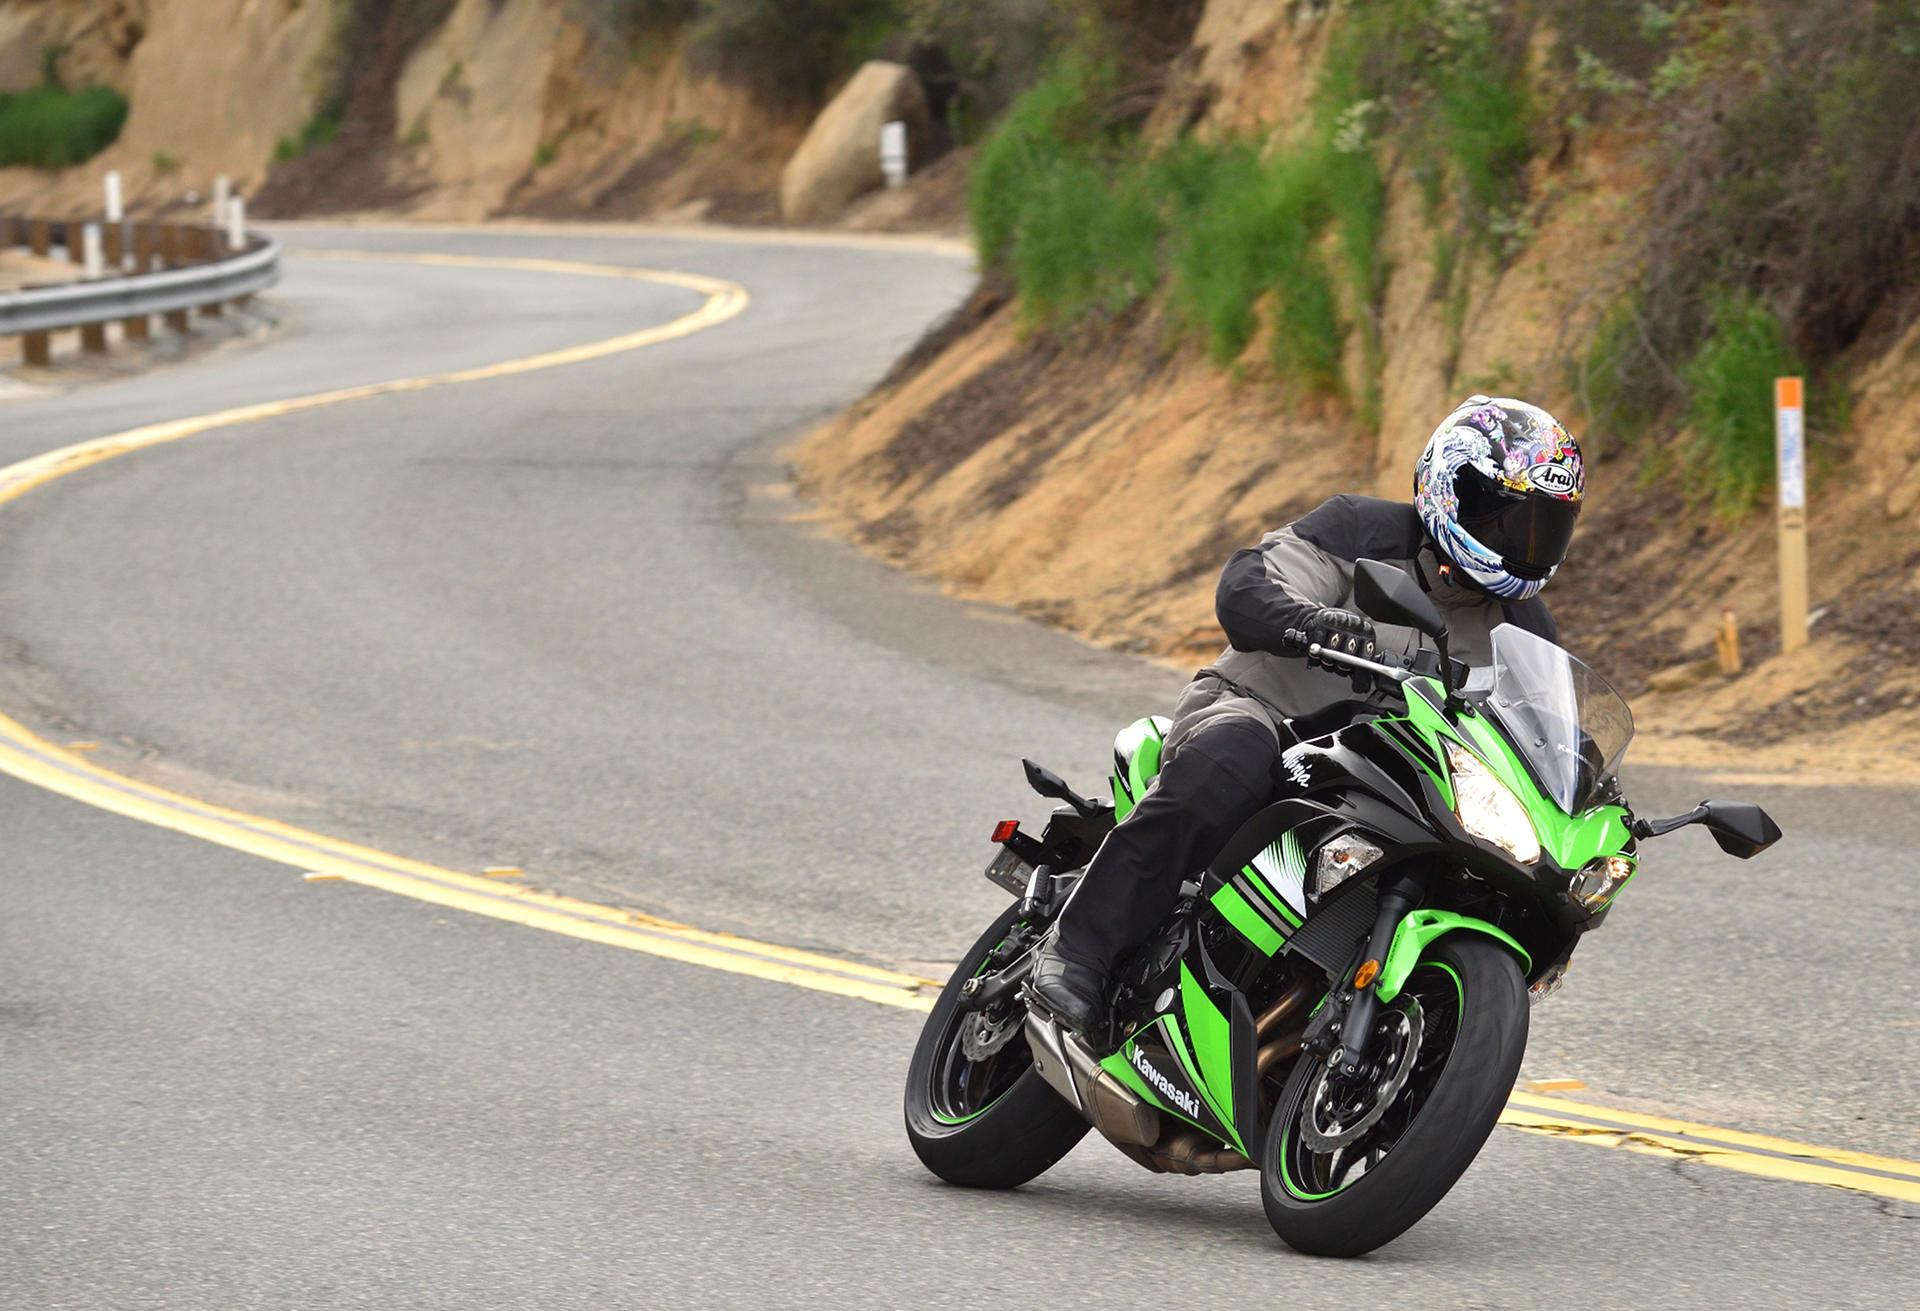 2017 Kawasaki Ninja 650 Md Ride Review Motorcycledailycom